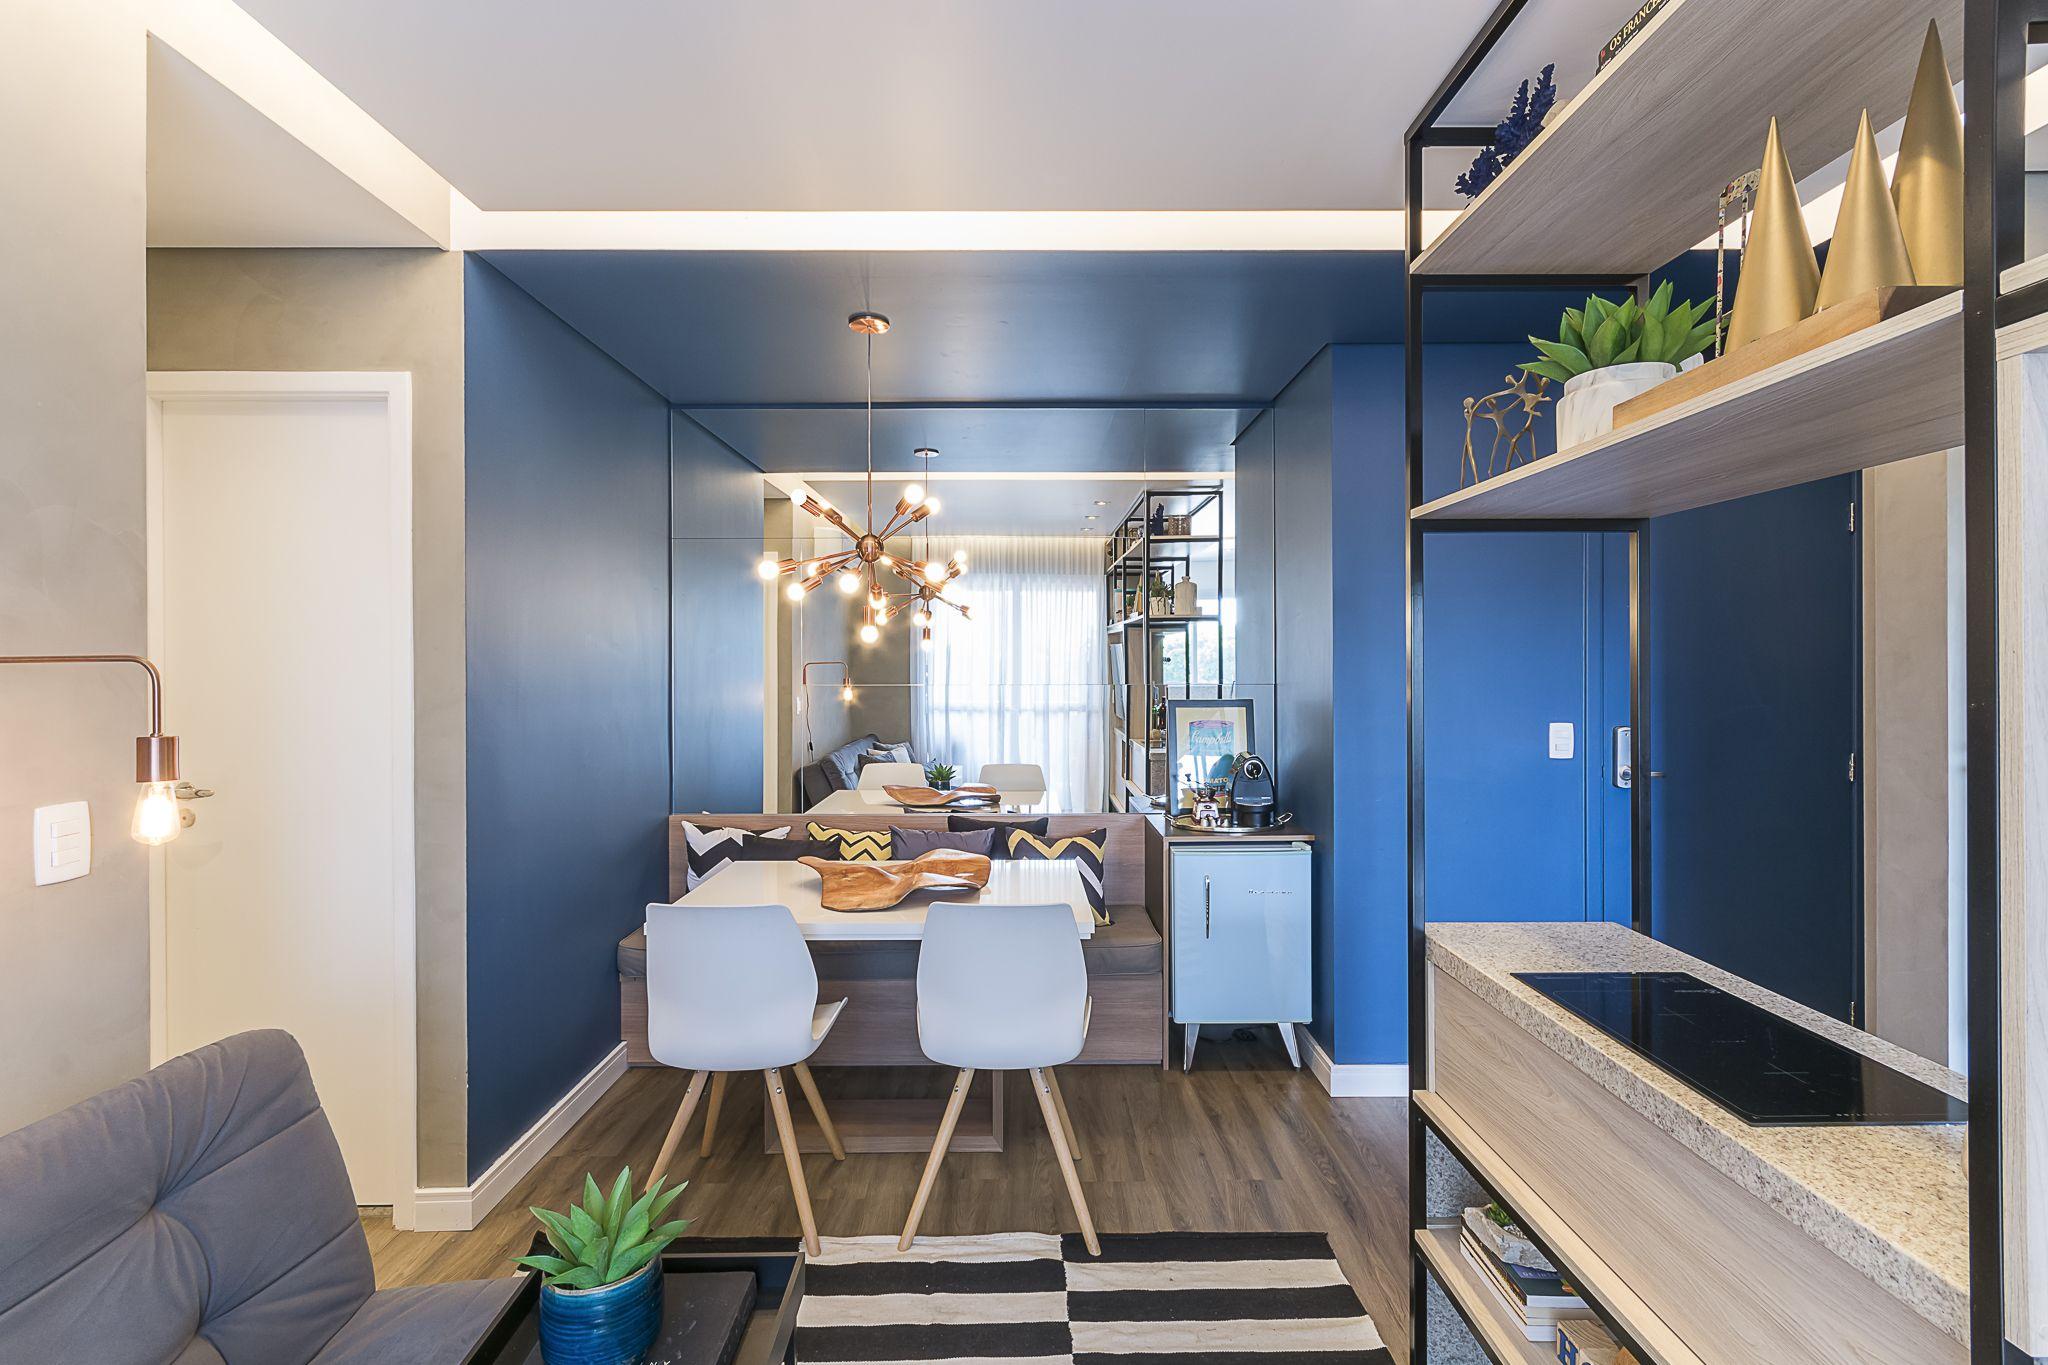 Apartamento Pequeno Com Decoracao Moderna Sala De Jantar Estar E